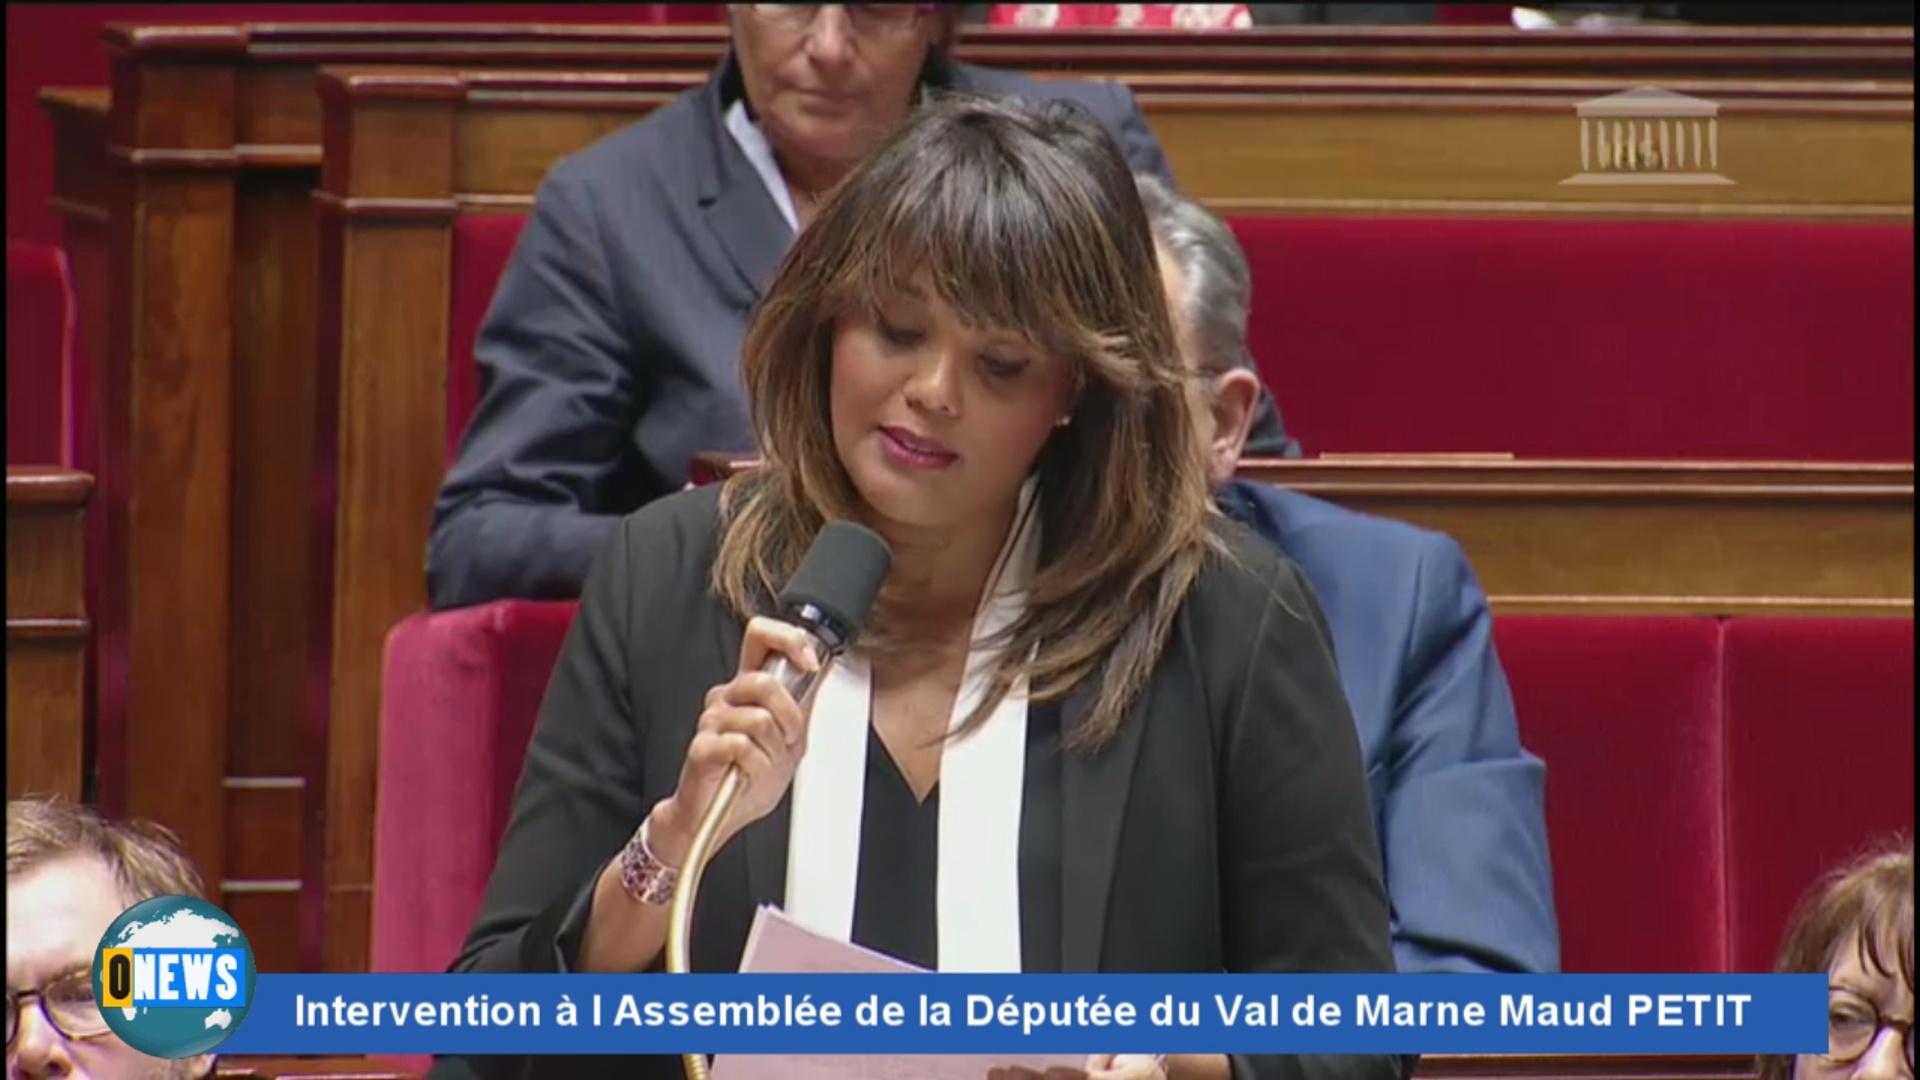 [Vidéo]; HEXAGONE. Intervention à l Assemblée de la Députée du Val de Marne Maud PETIT